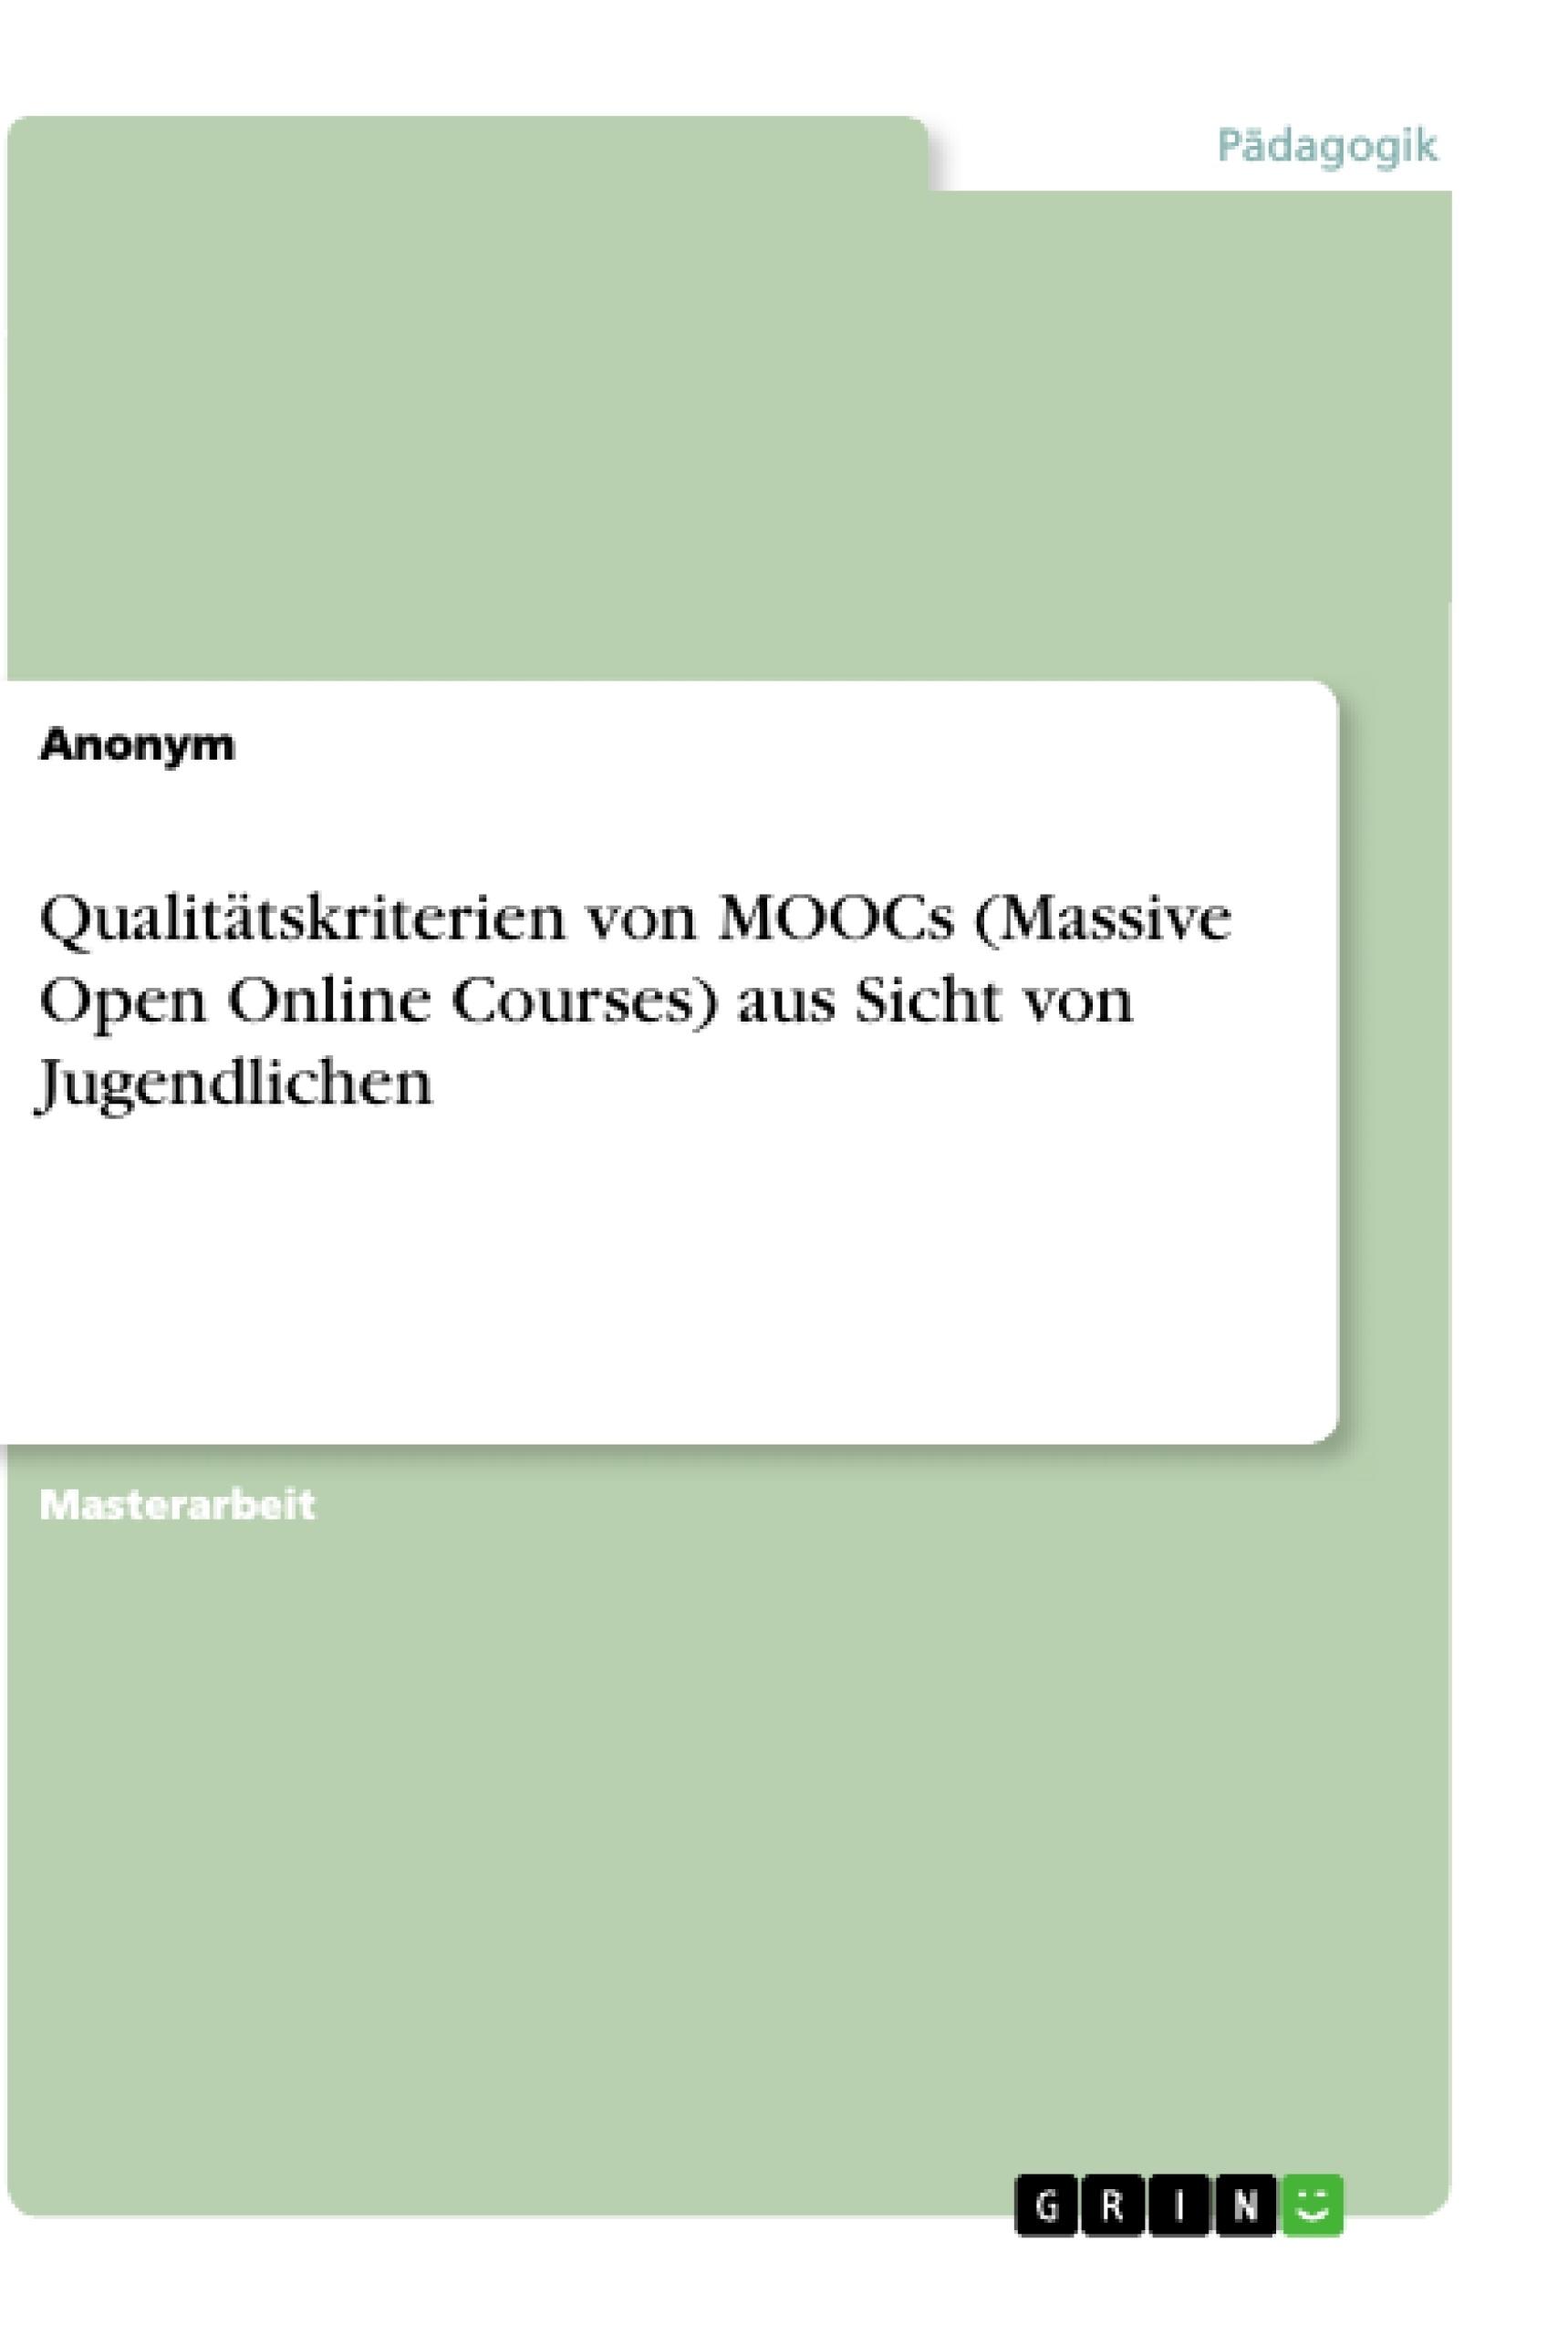 Titel: Qualitätskriterien von MOOCs (Massive Open Online Courses) aus Sicht von Jugendlichen